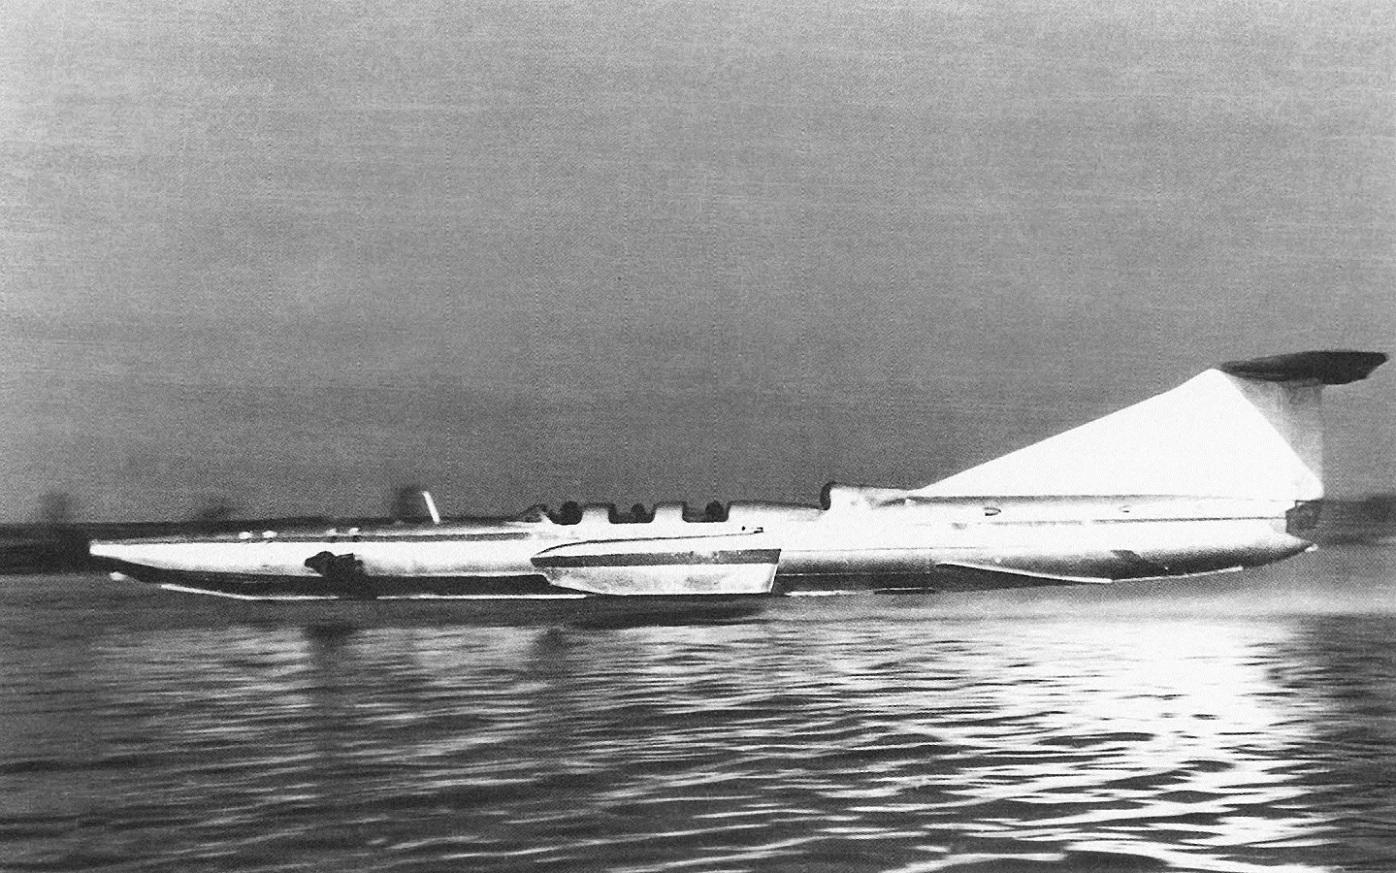 Alekszejev korai prototípusainak egyike, az SzM-2, melyet személyesen Hruscsov is megtekintett. #moszkvater